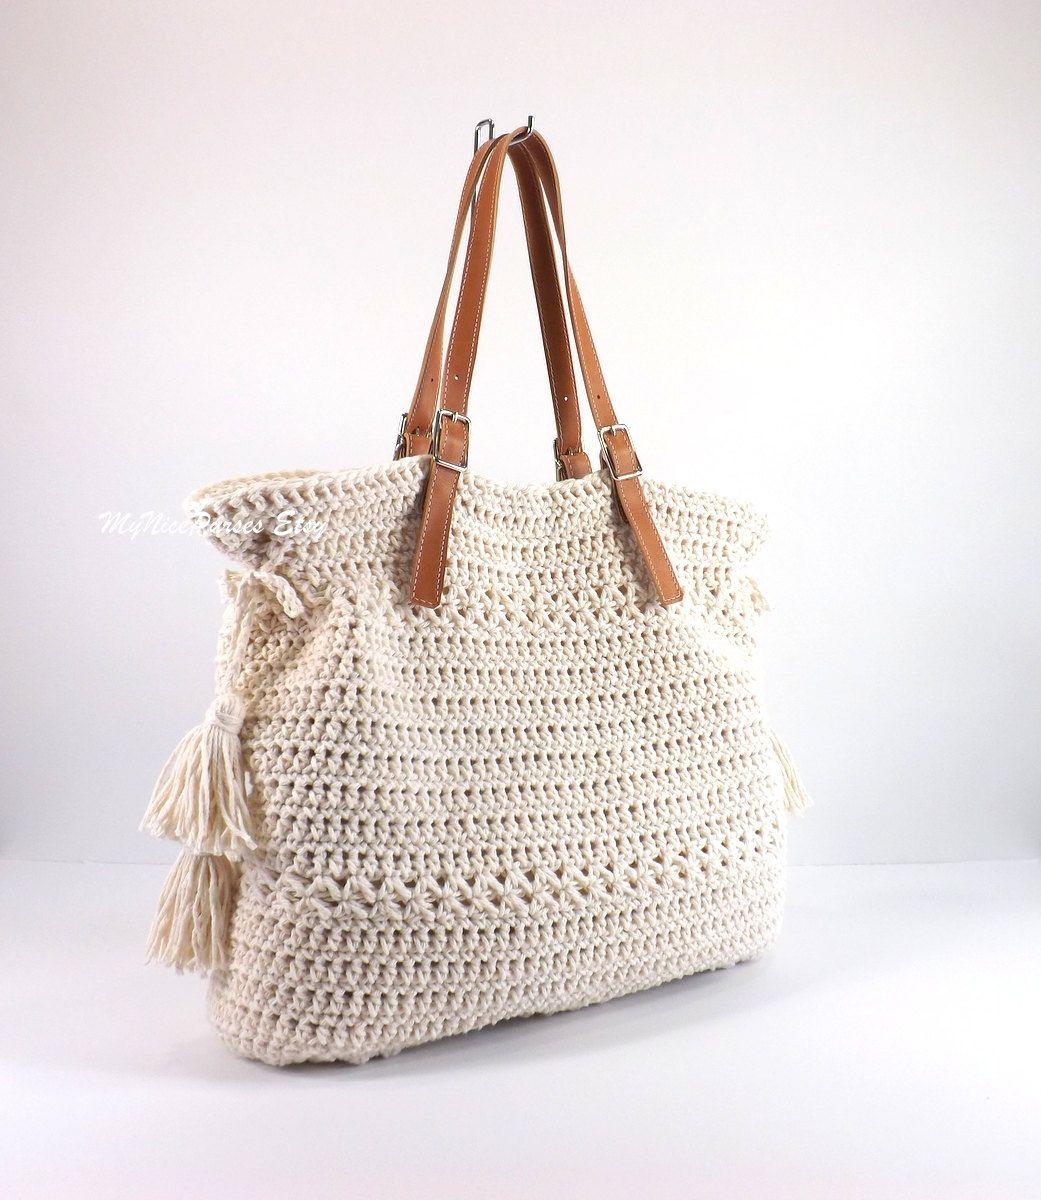 Crochet Bohemian Style Handbag /ECRU/, Crochet Boho Tote Bag ...